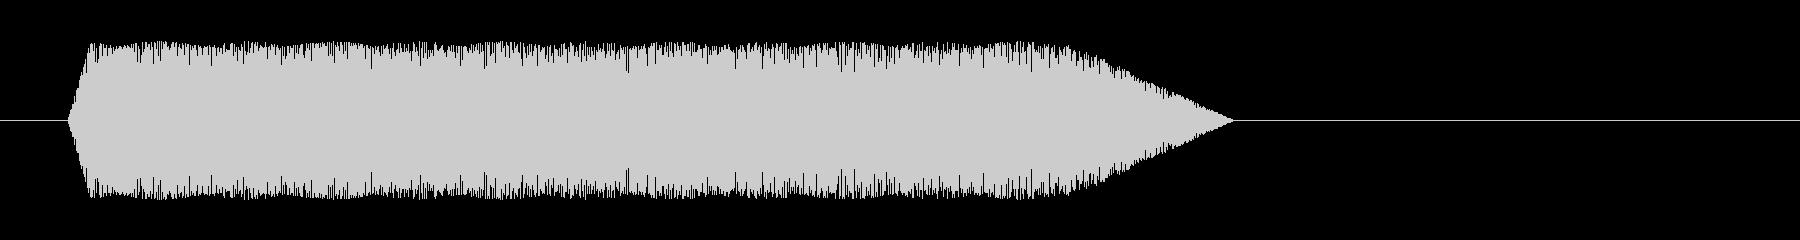 滑りイメージの未再生の波形